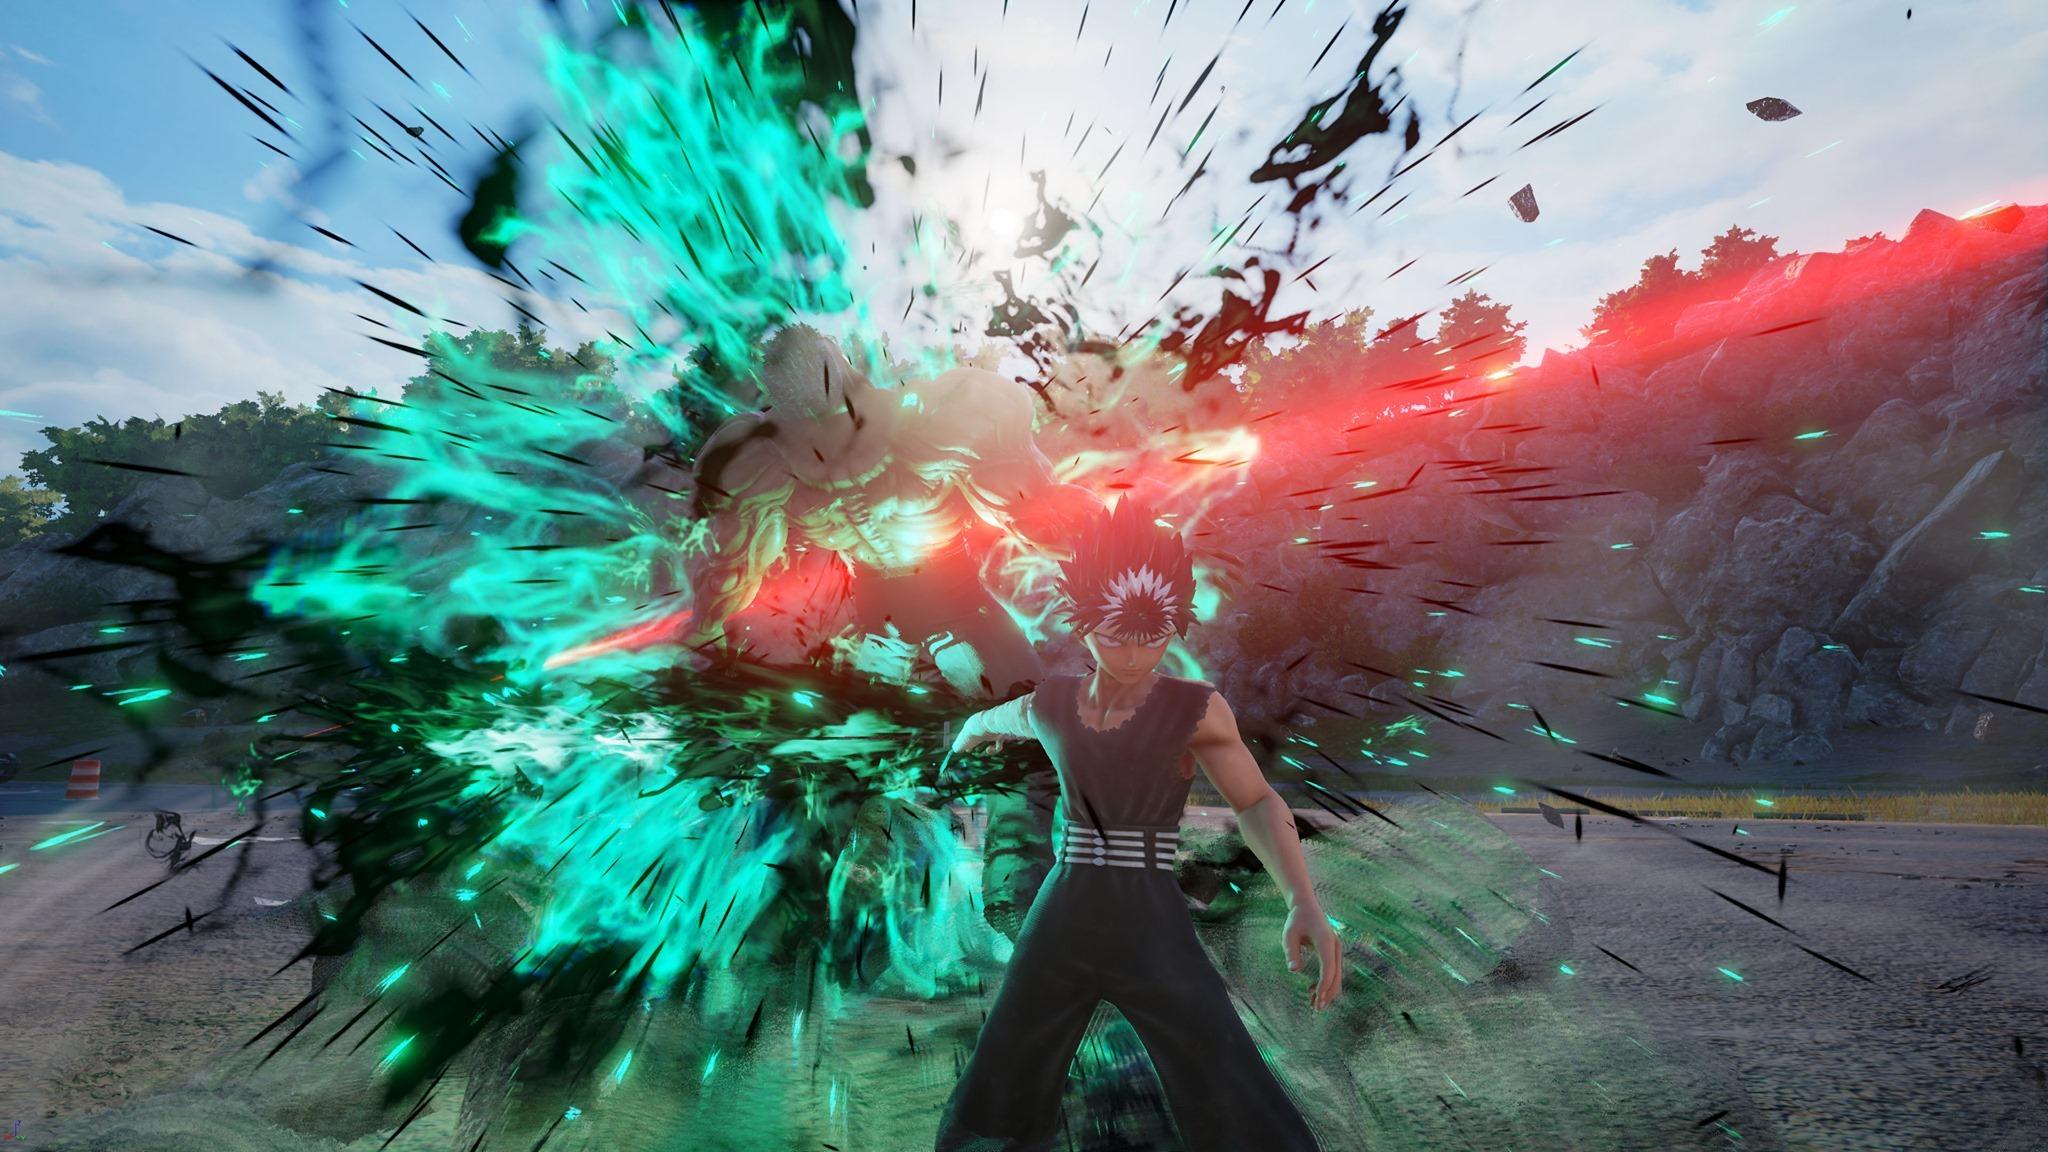 《幽游白书》飞影将加入《Jump大乱斗》DLC